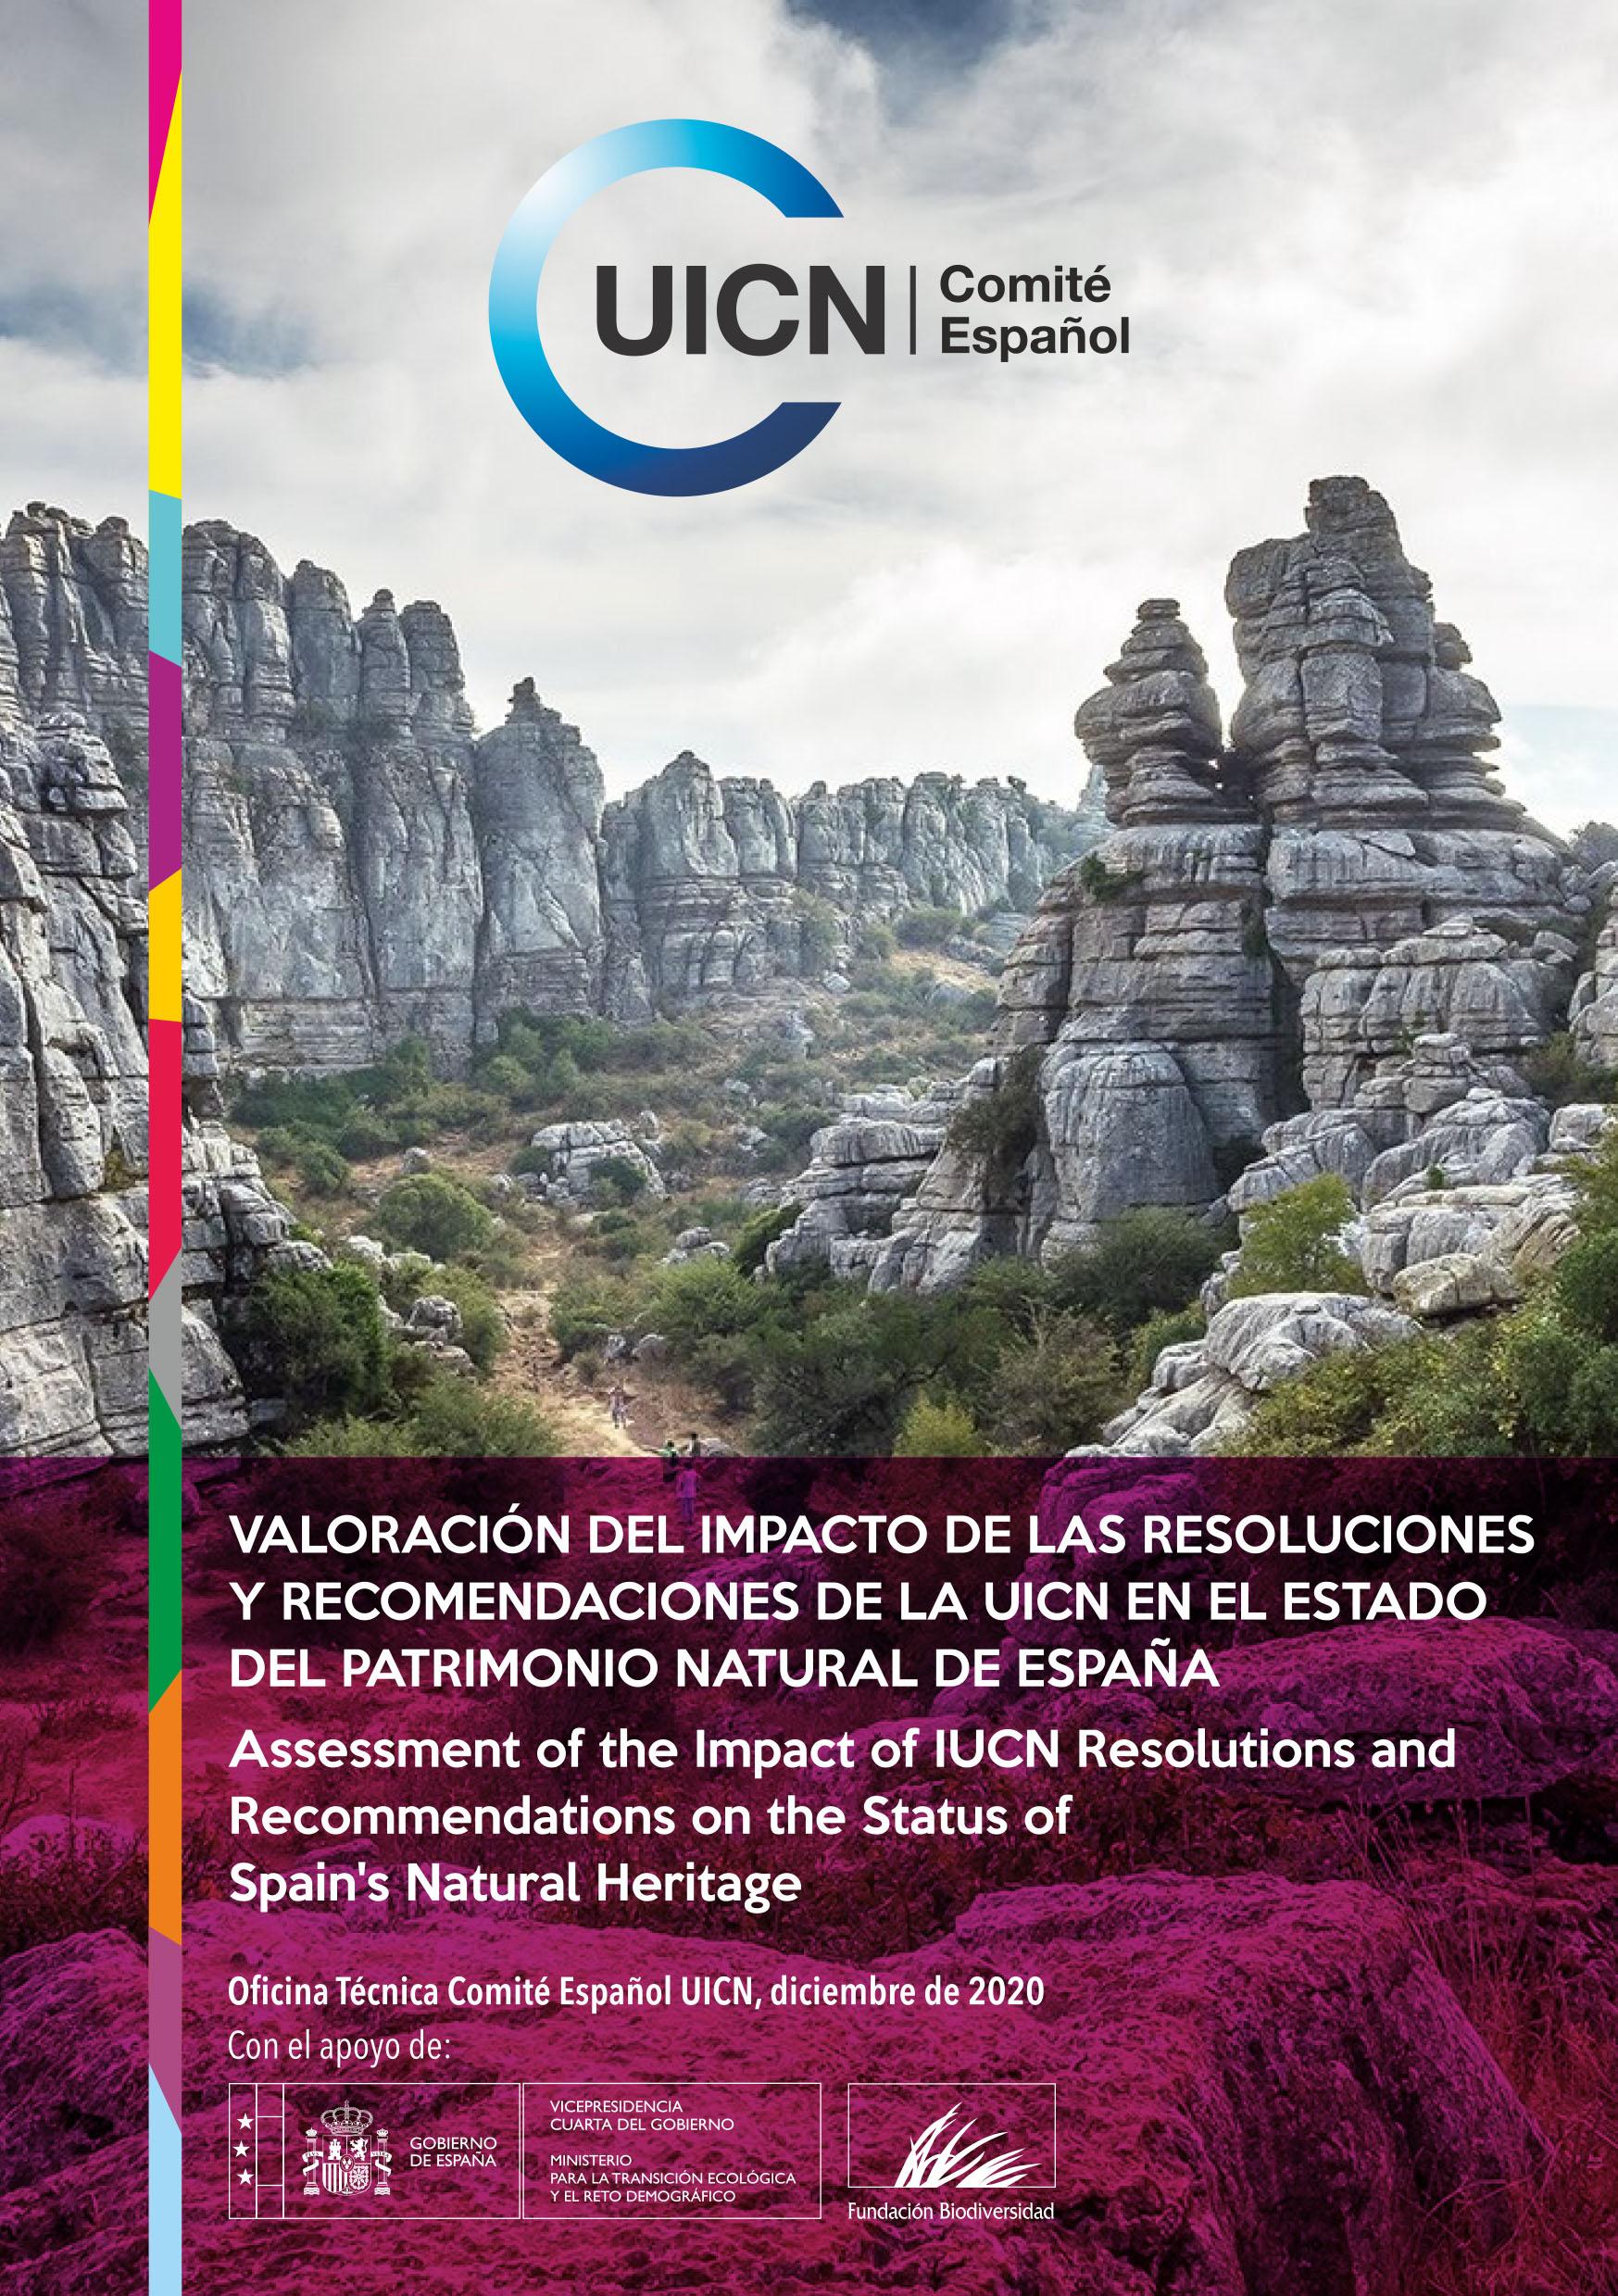 Valoración del impacto de las Resoluciones y Recomendaciones de la UICN en el estado del patrimonio natural de España.